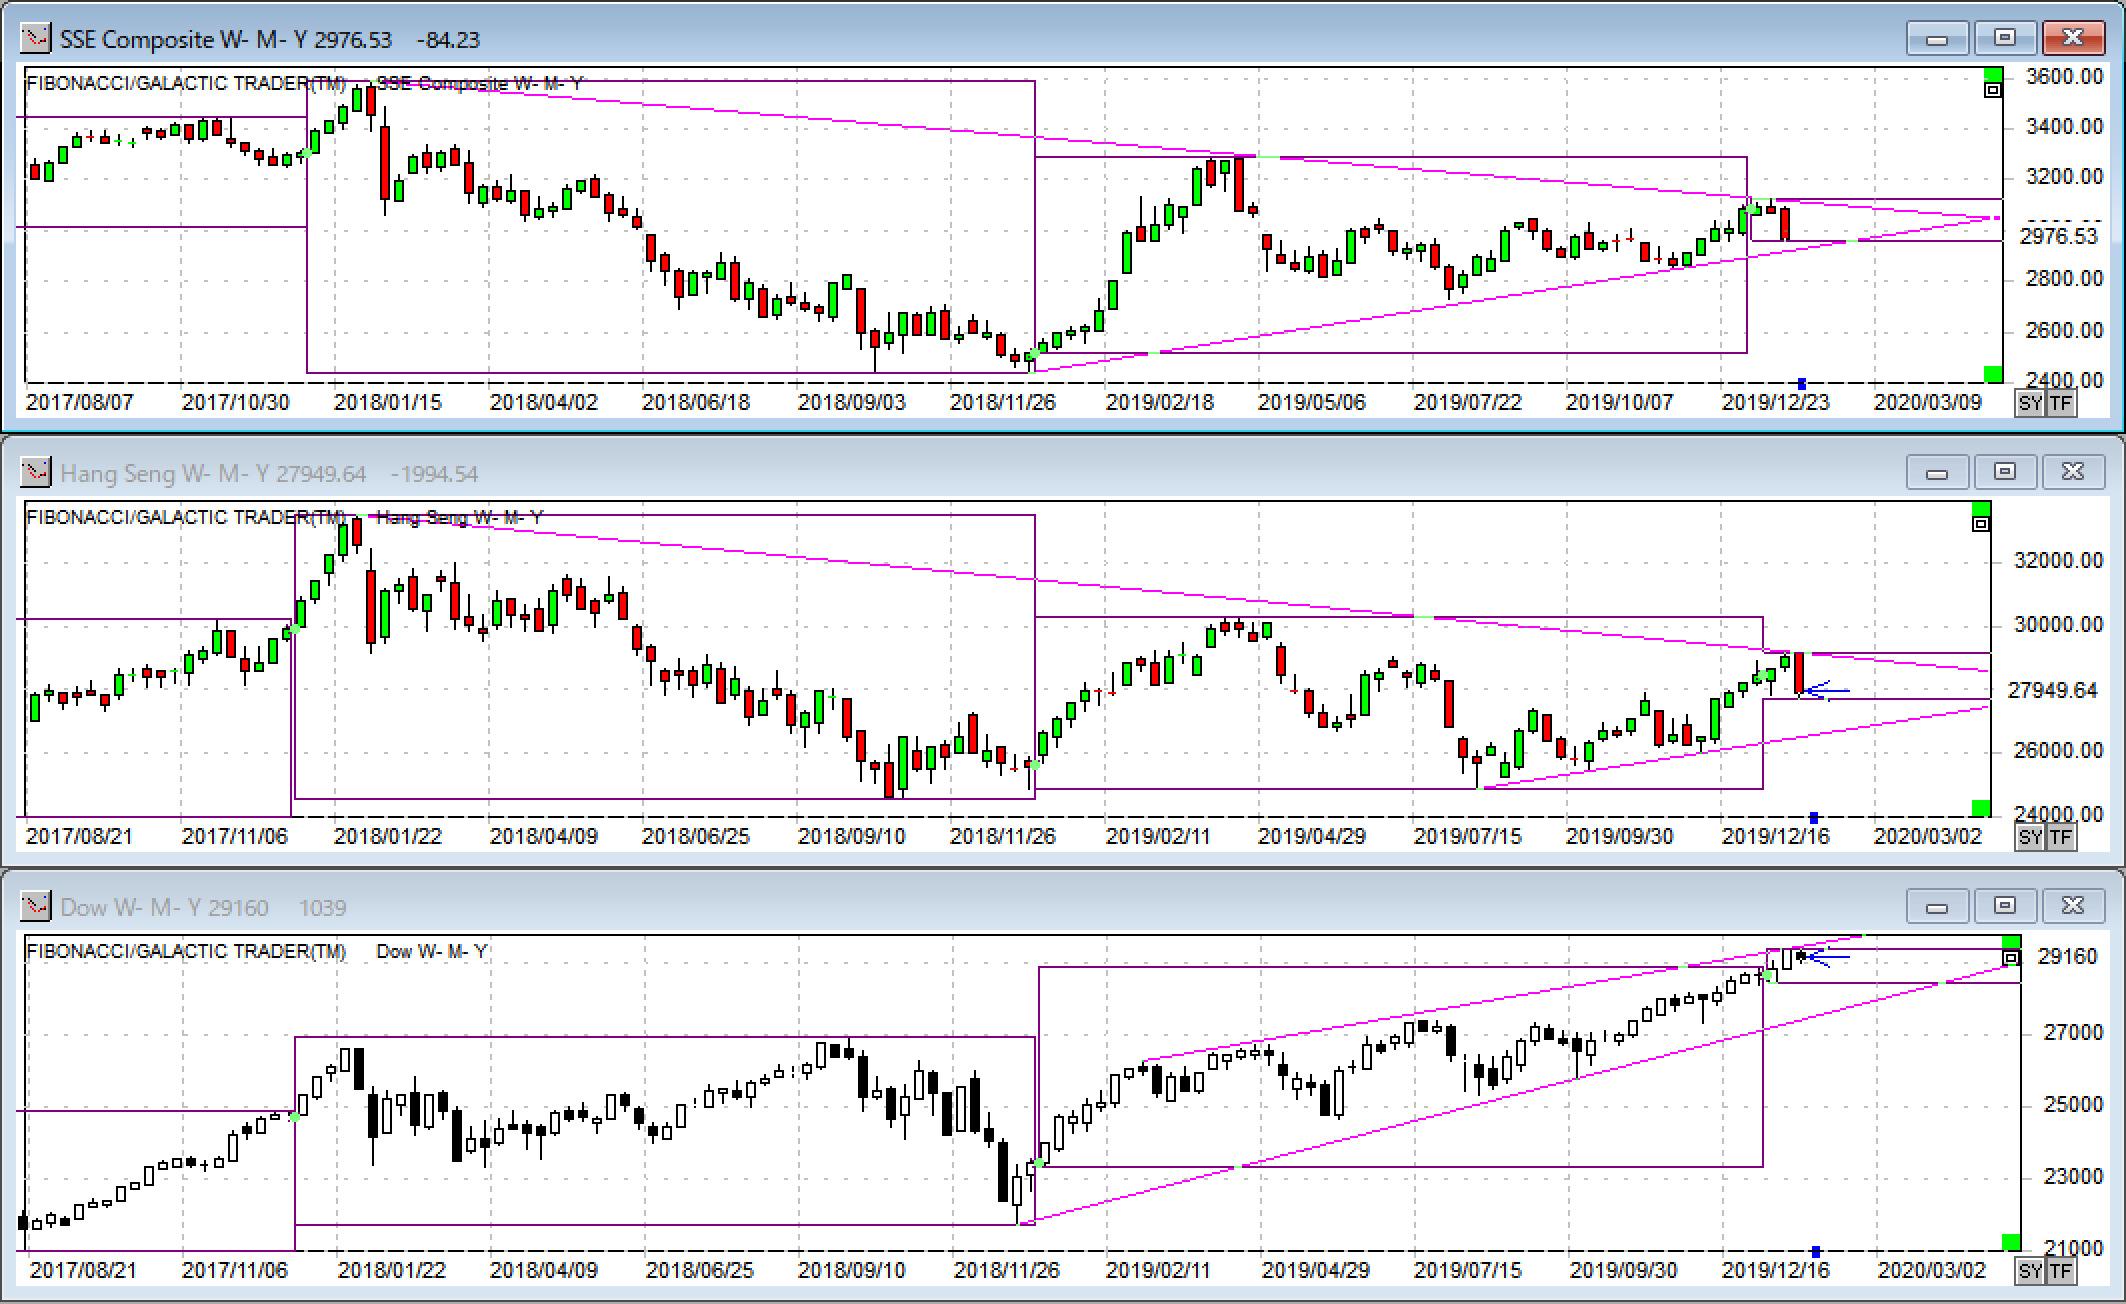 株価指数(上海、香港、NYダウ)